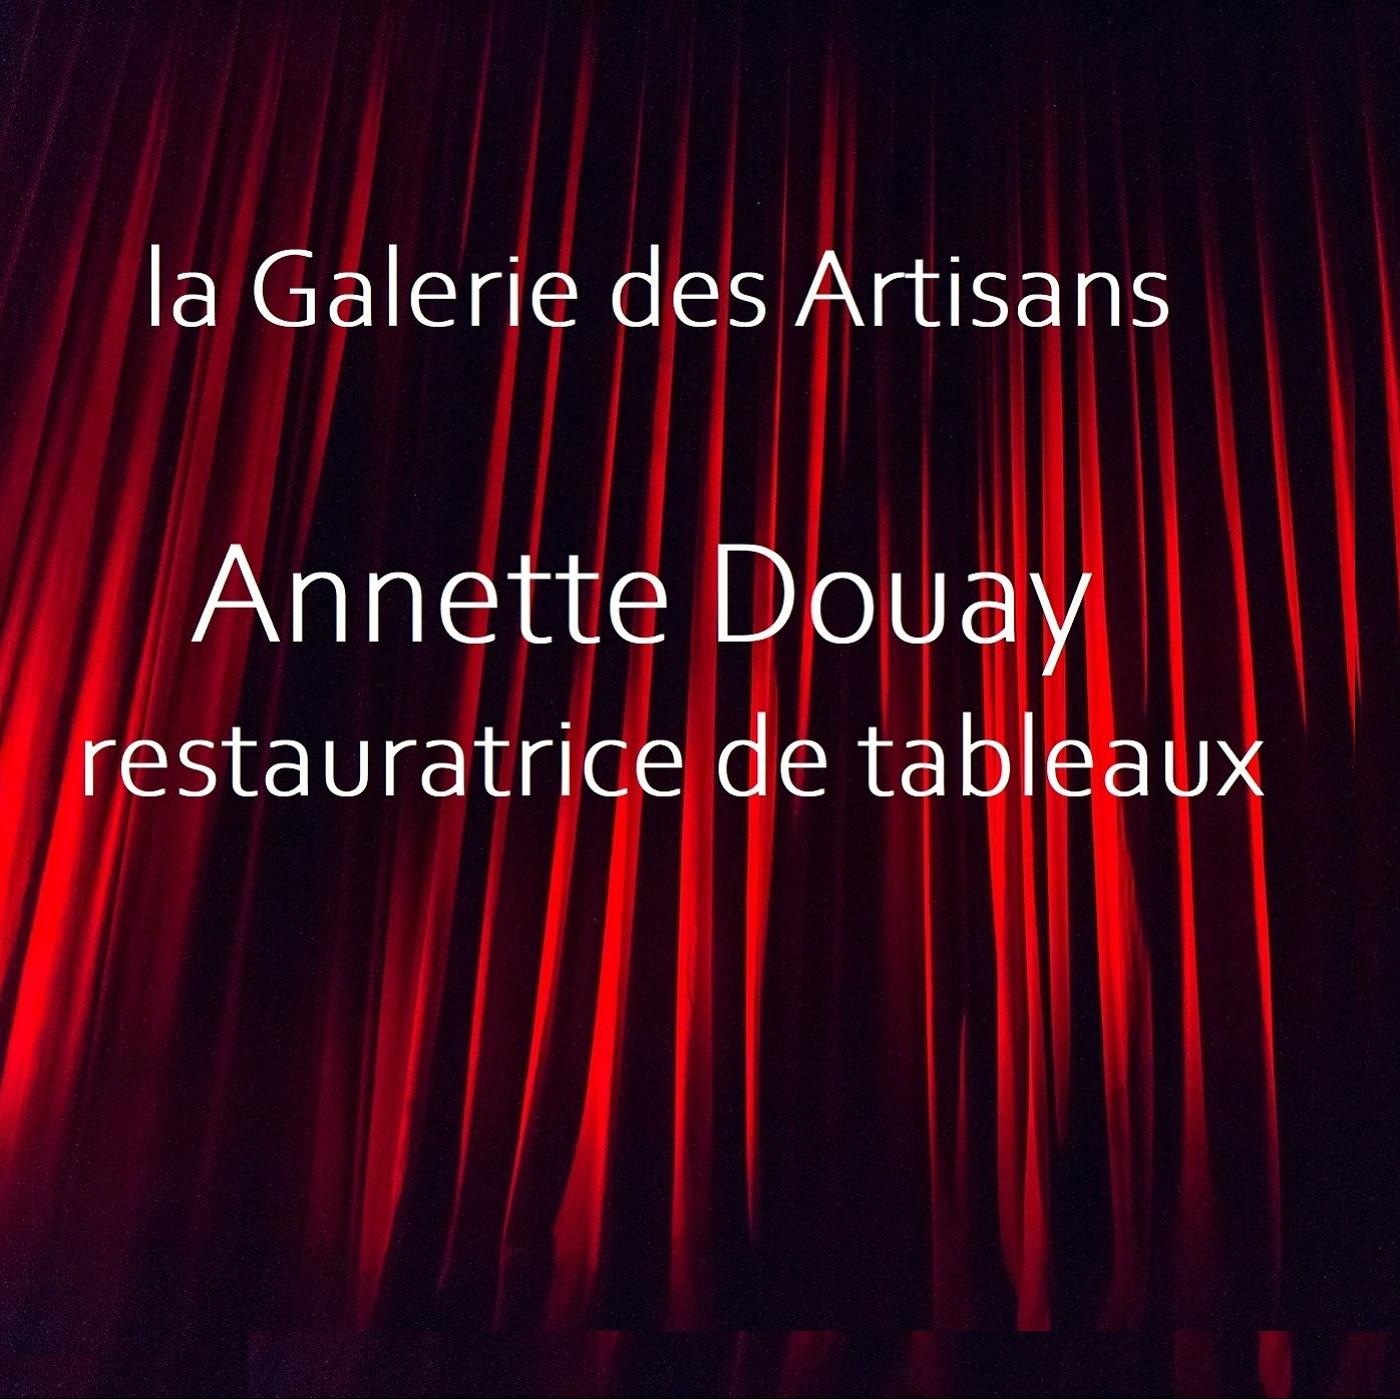 Annette Douay, restauratrice de tableaux